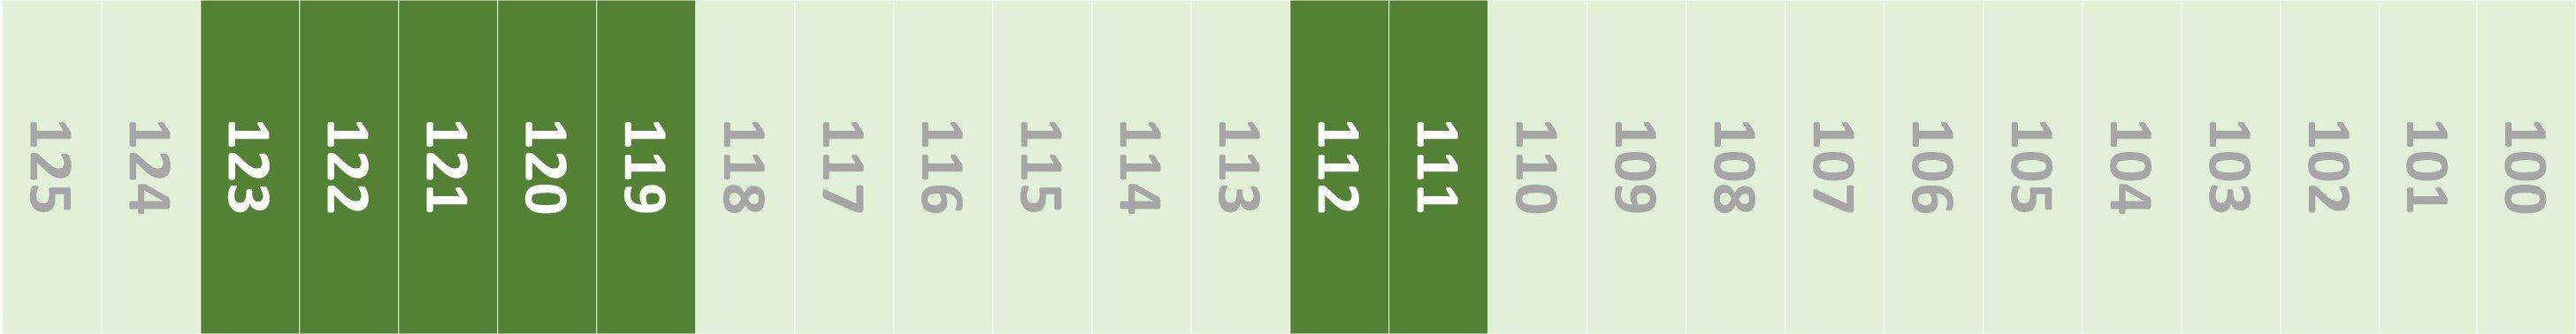 plots table v1.2